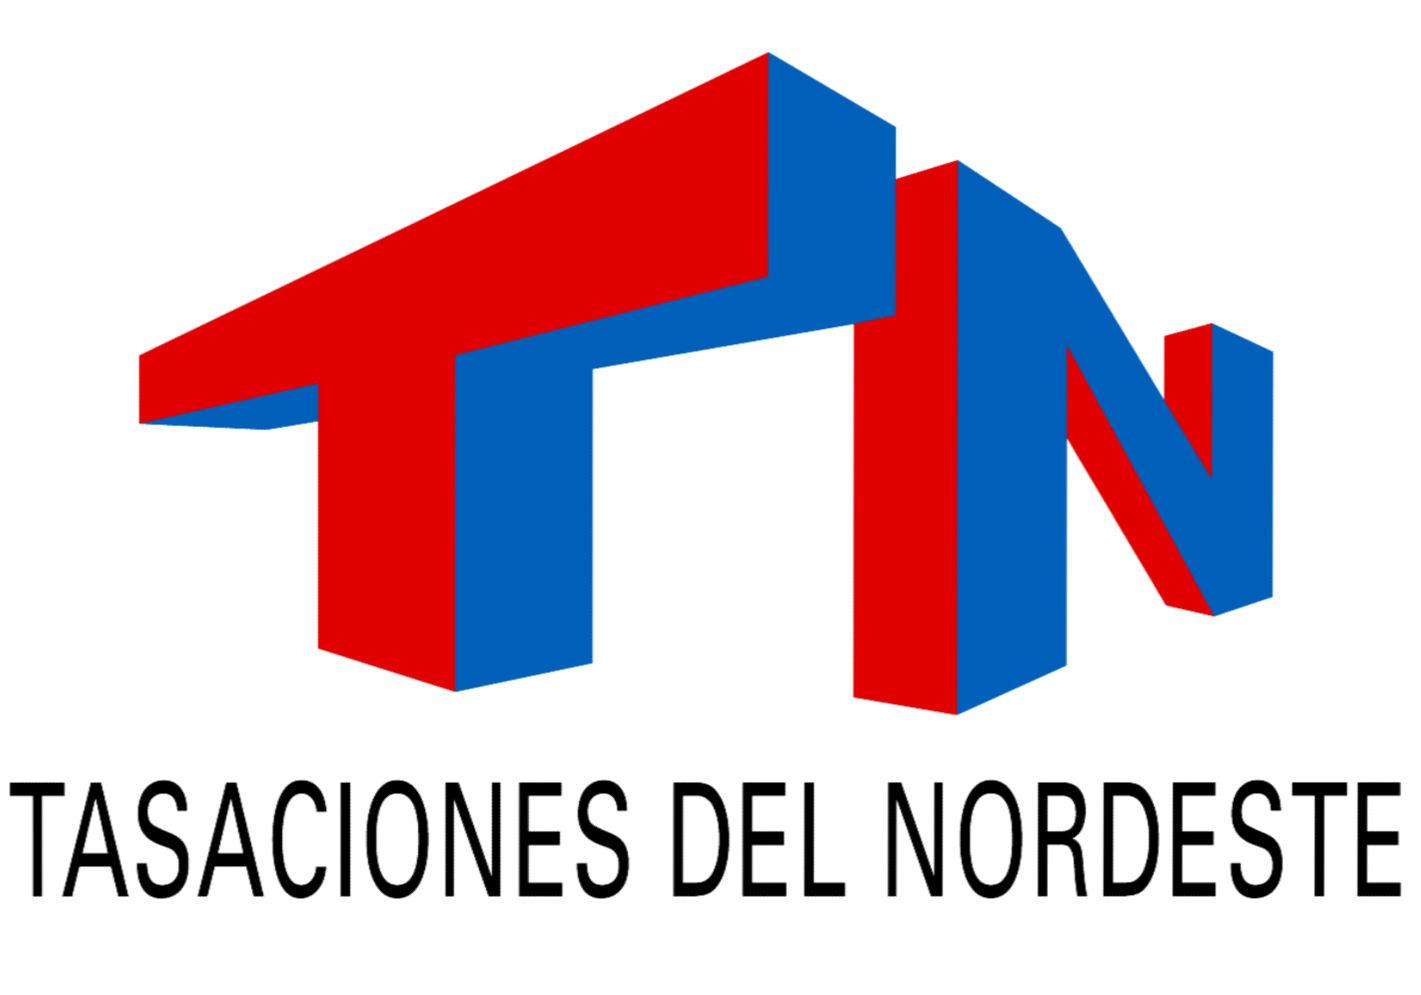 Tasaciones Del Nordeste - Tasadores en Zaragoza